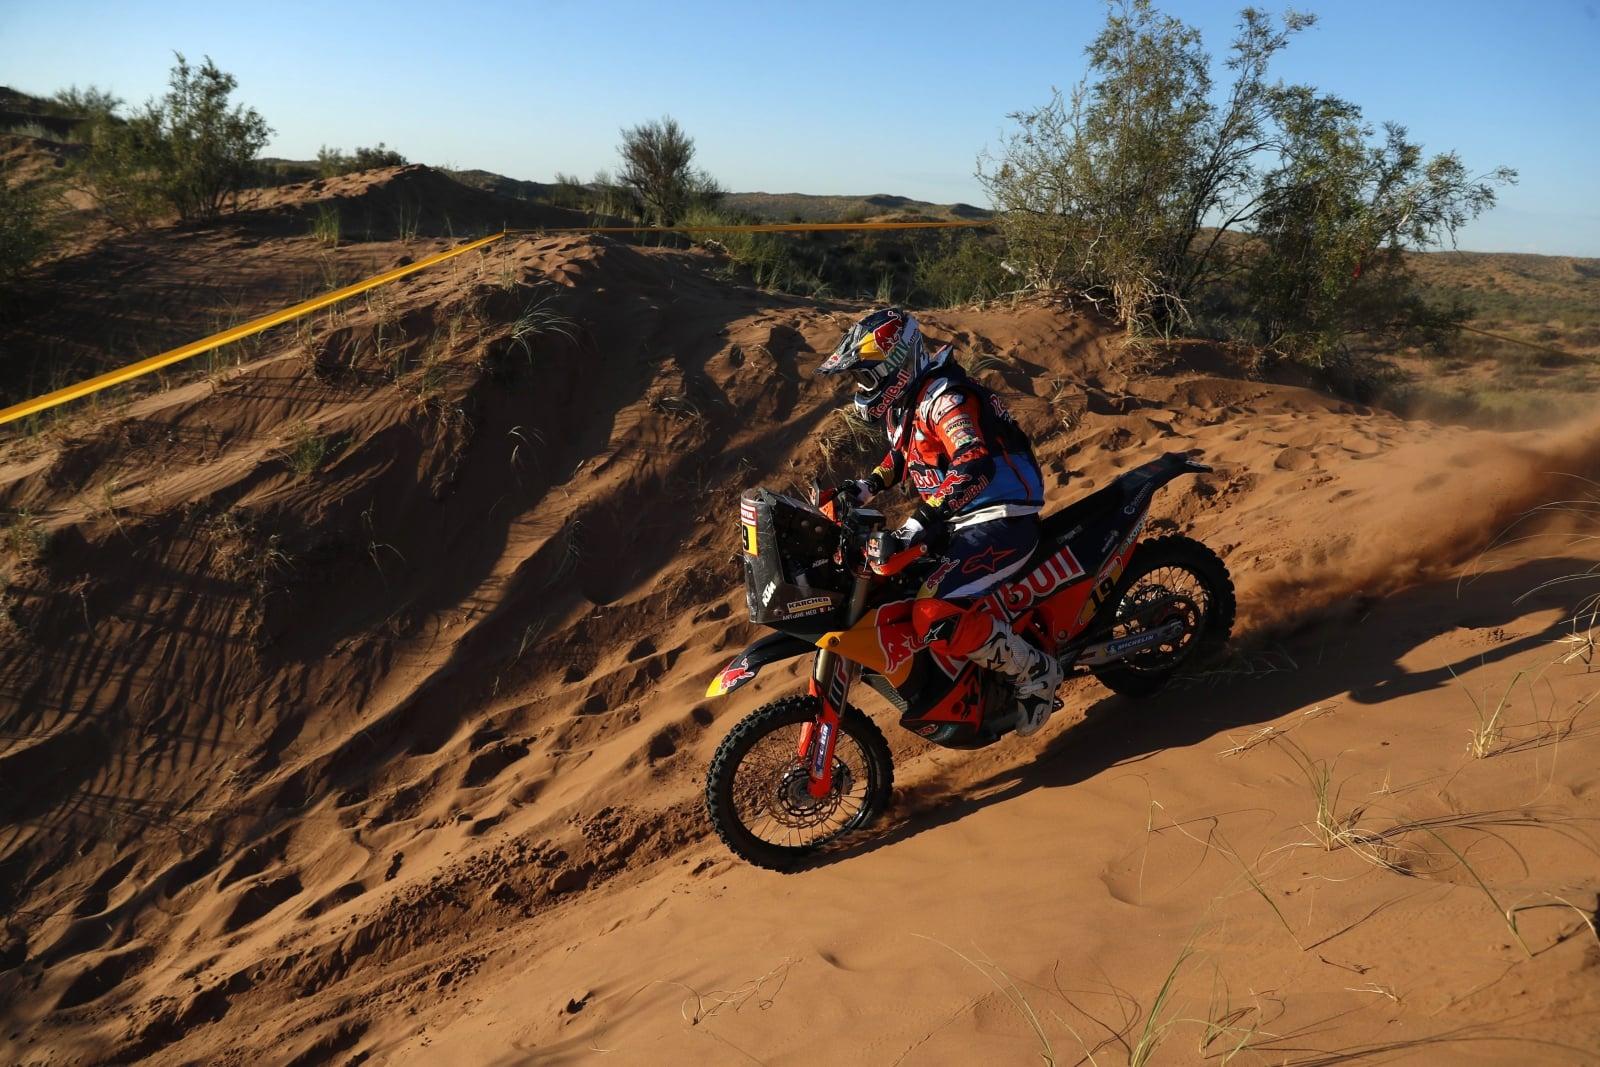 Argentyński odcinek Rajdu Dakar EPA/DAVID FERNANDEZ